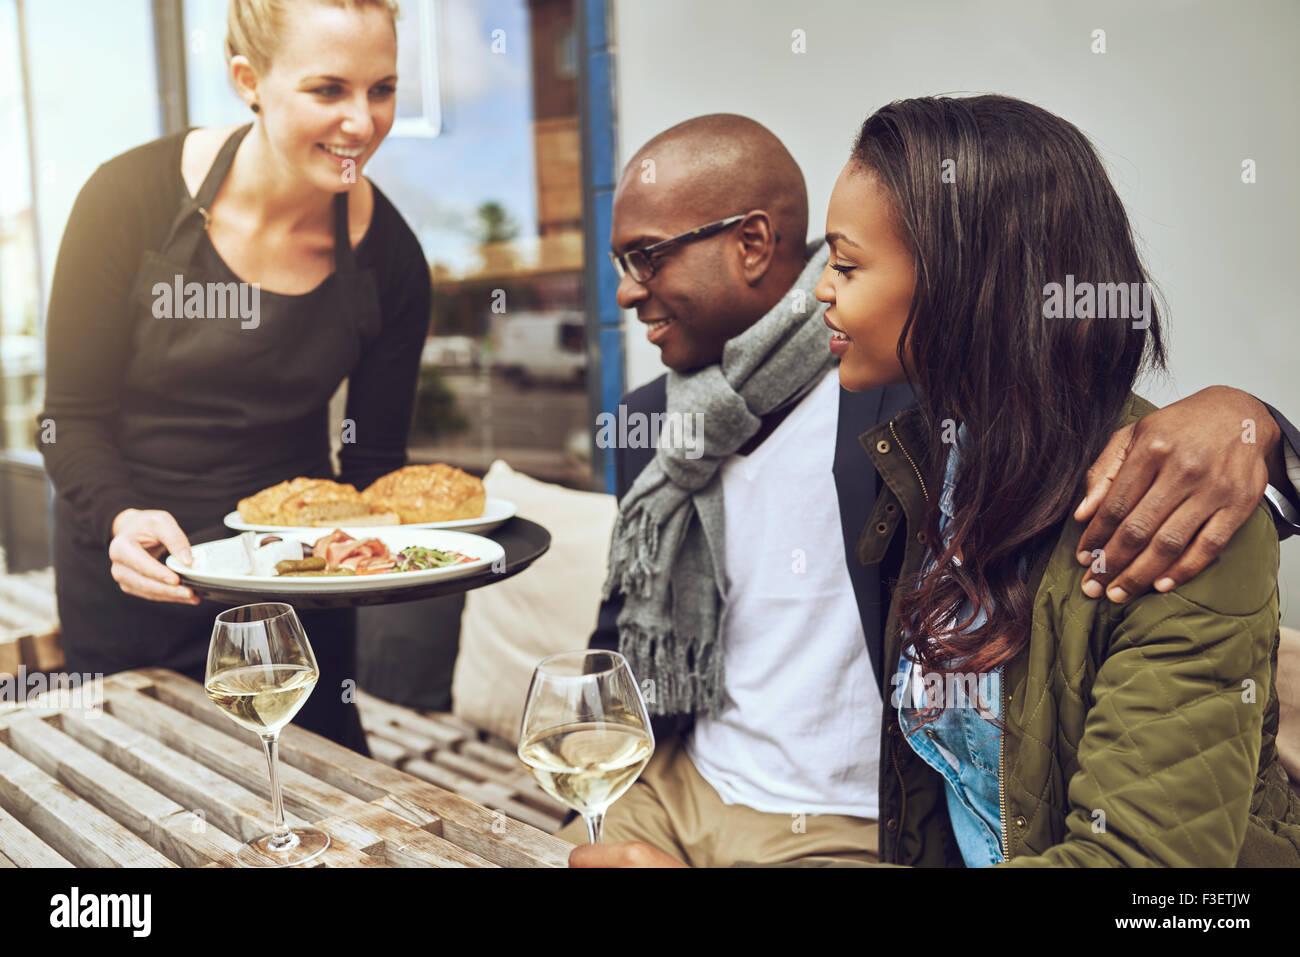 Camarera sirviendo comida a una pareja de americanos africanos afectuoso del brazo para sentarse en una mesa de Imagen De Stock